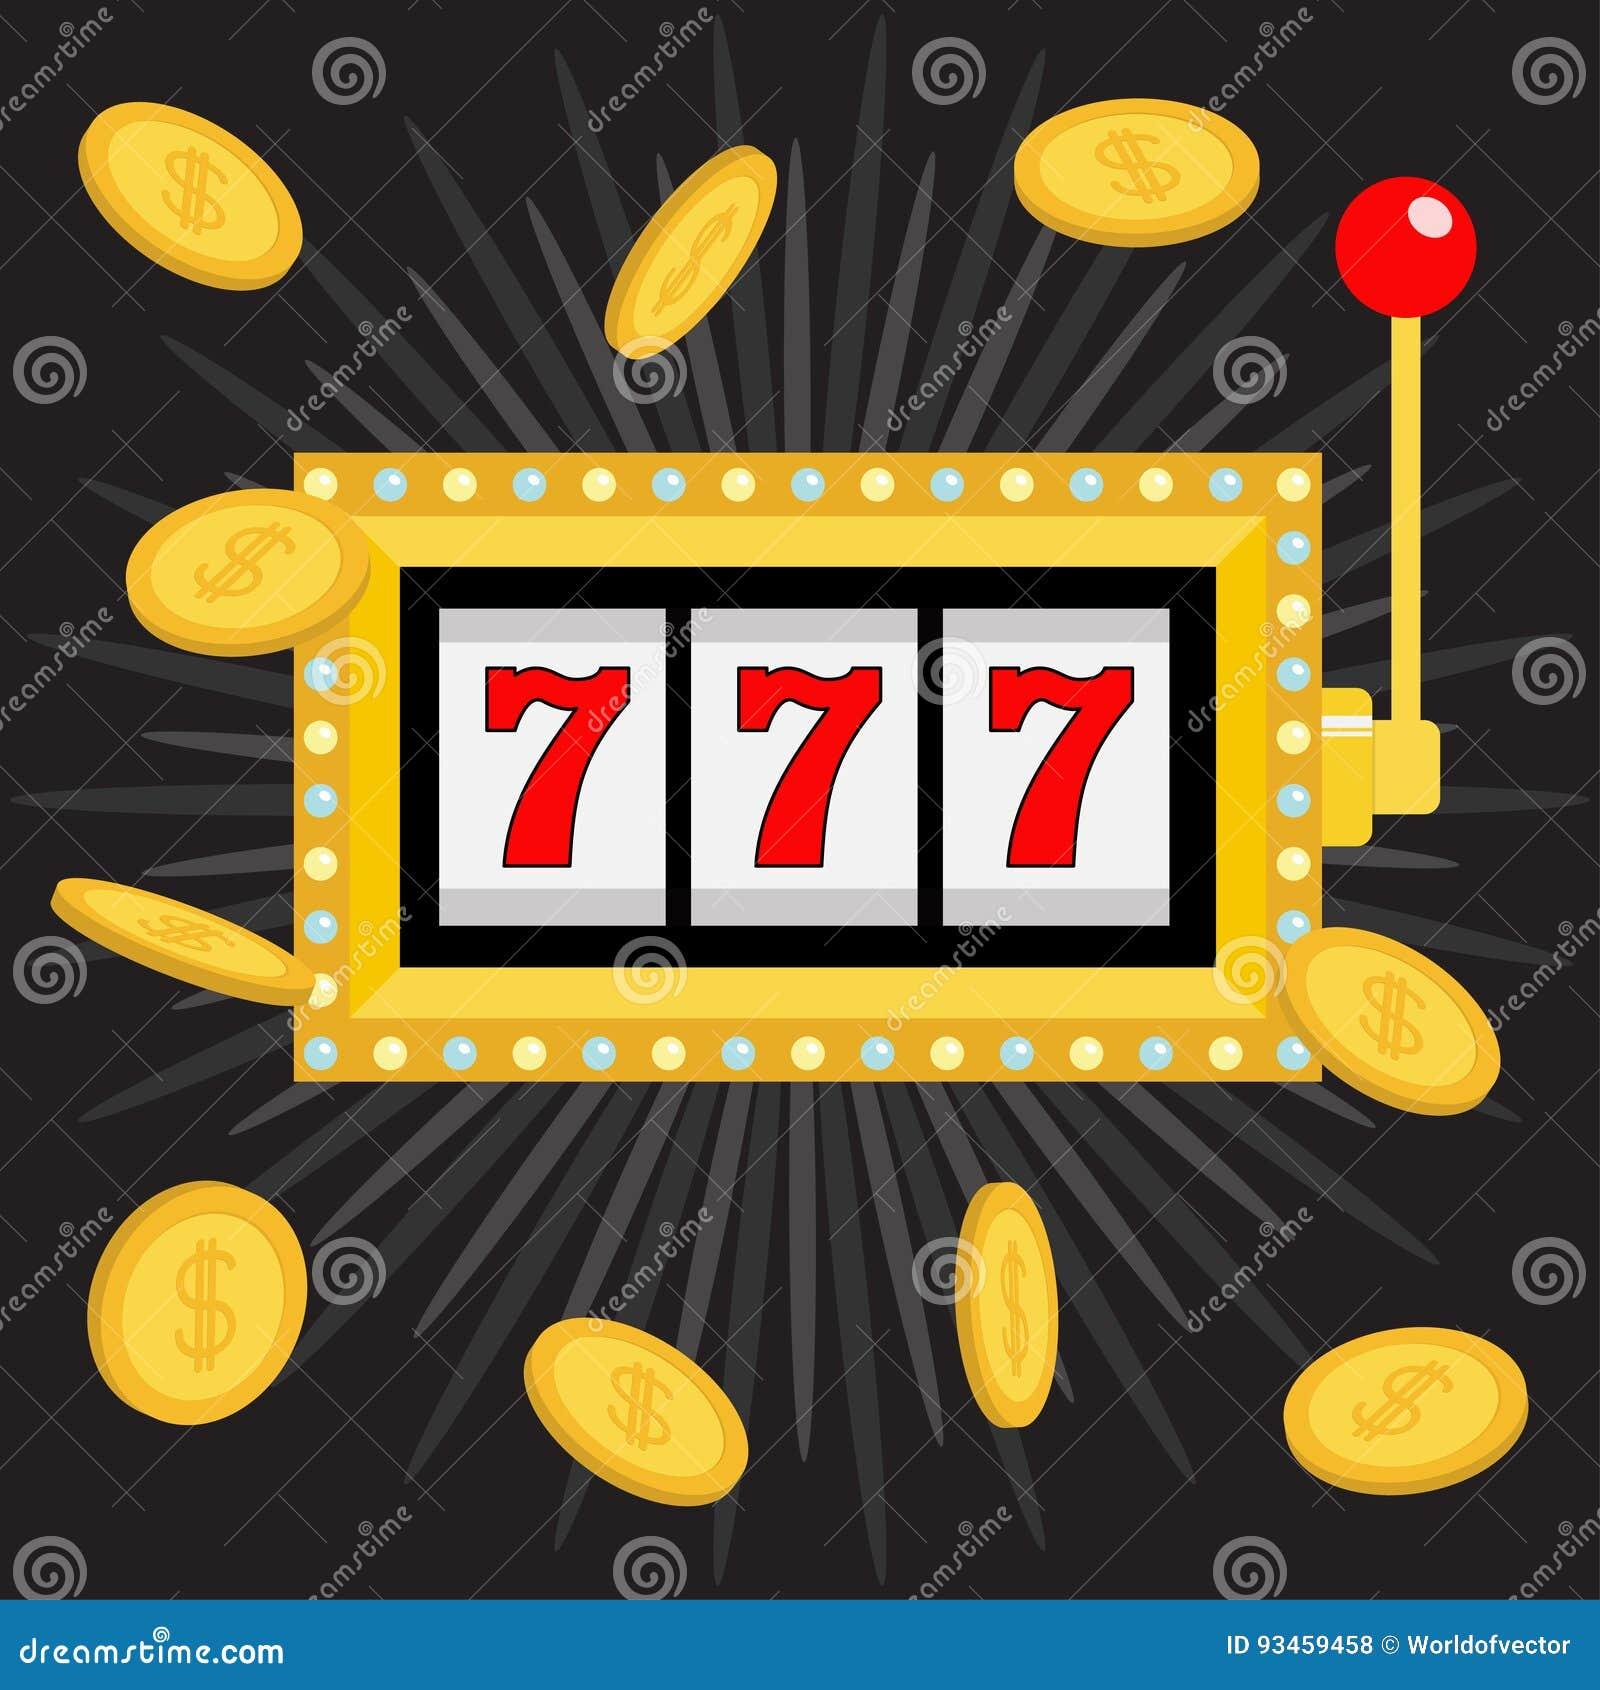 777 casino georgia